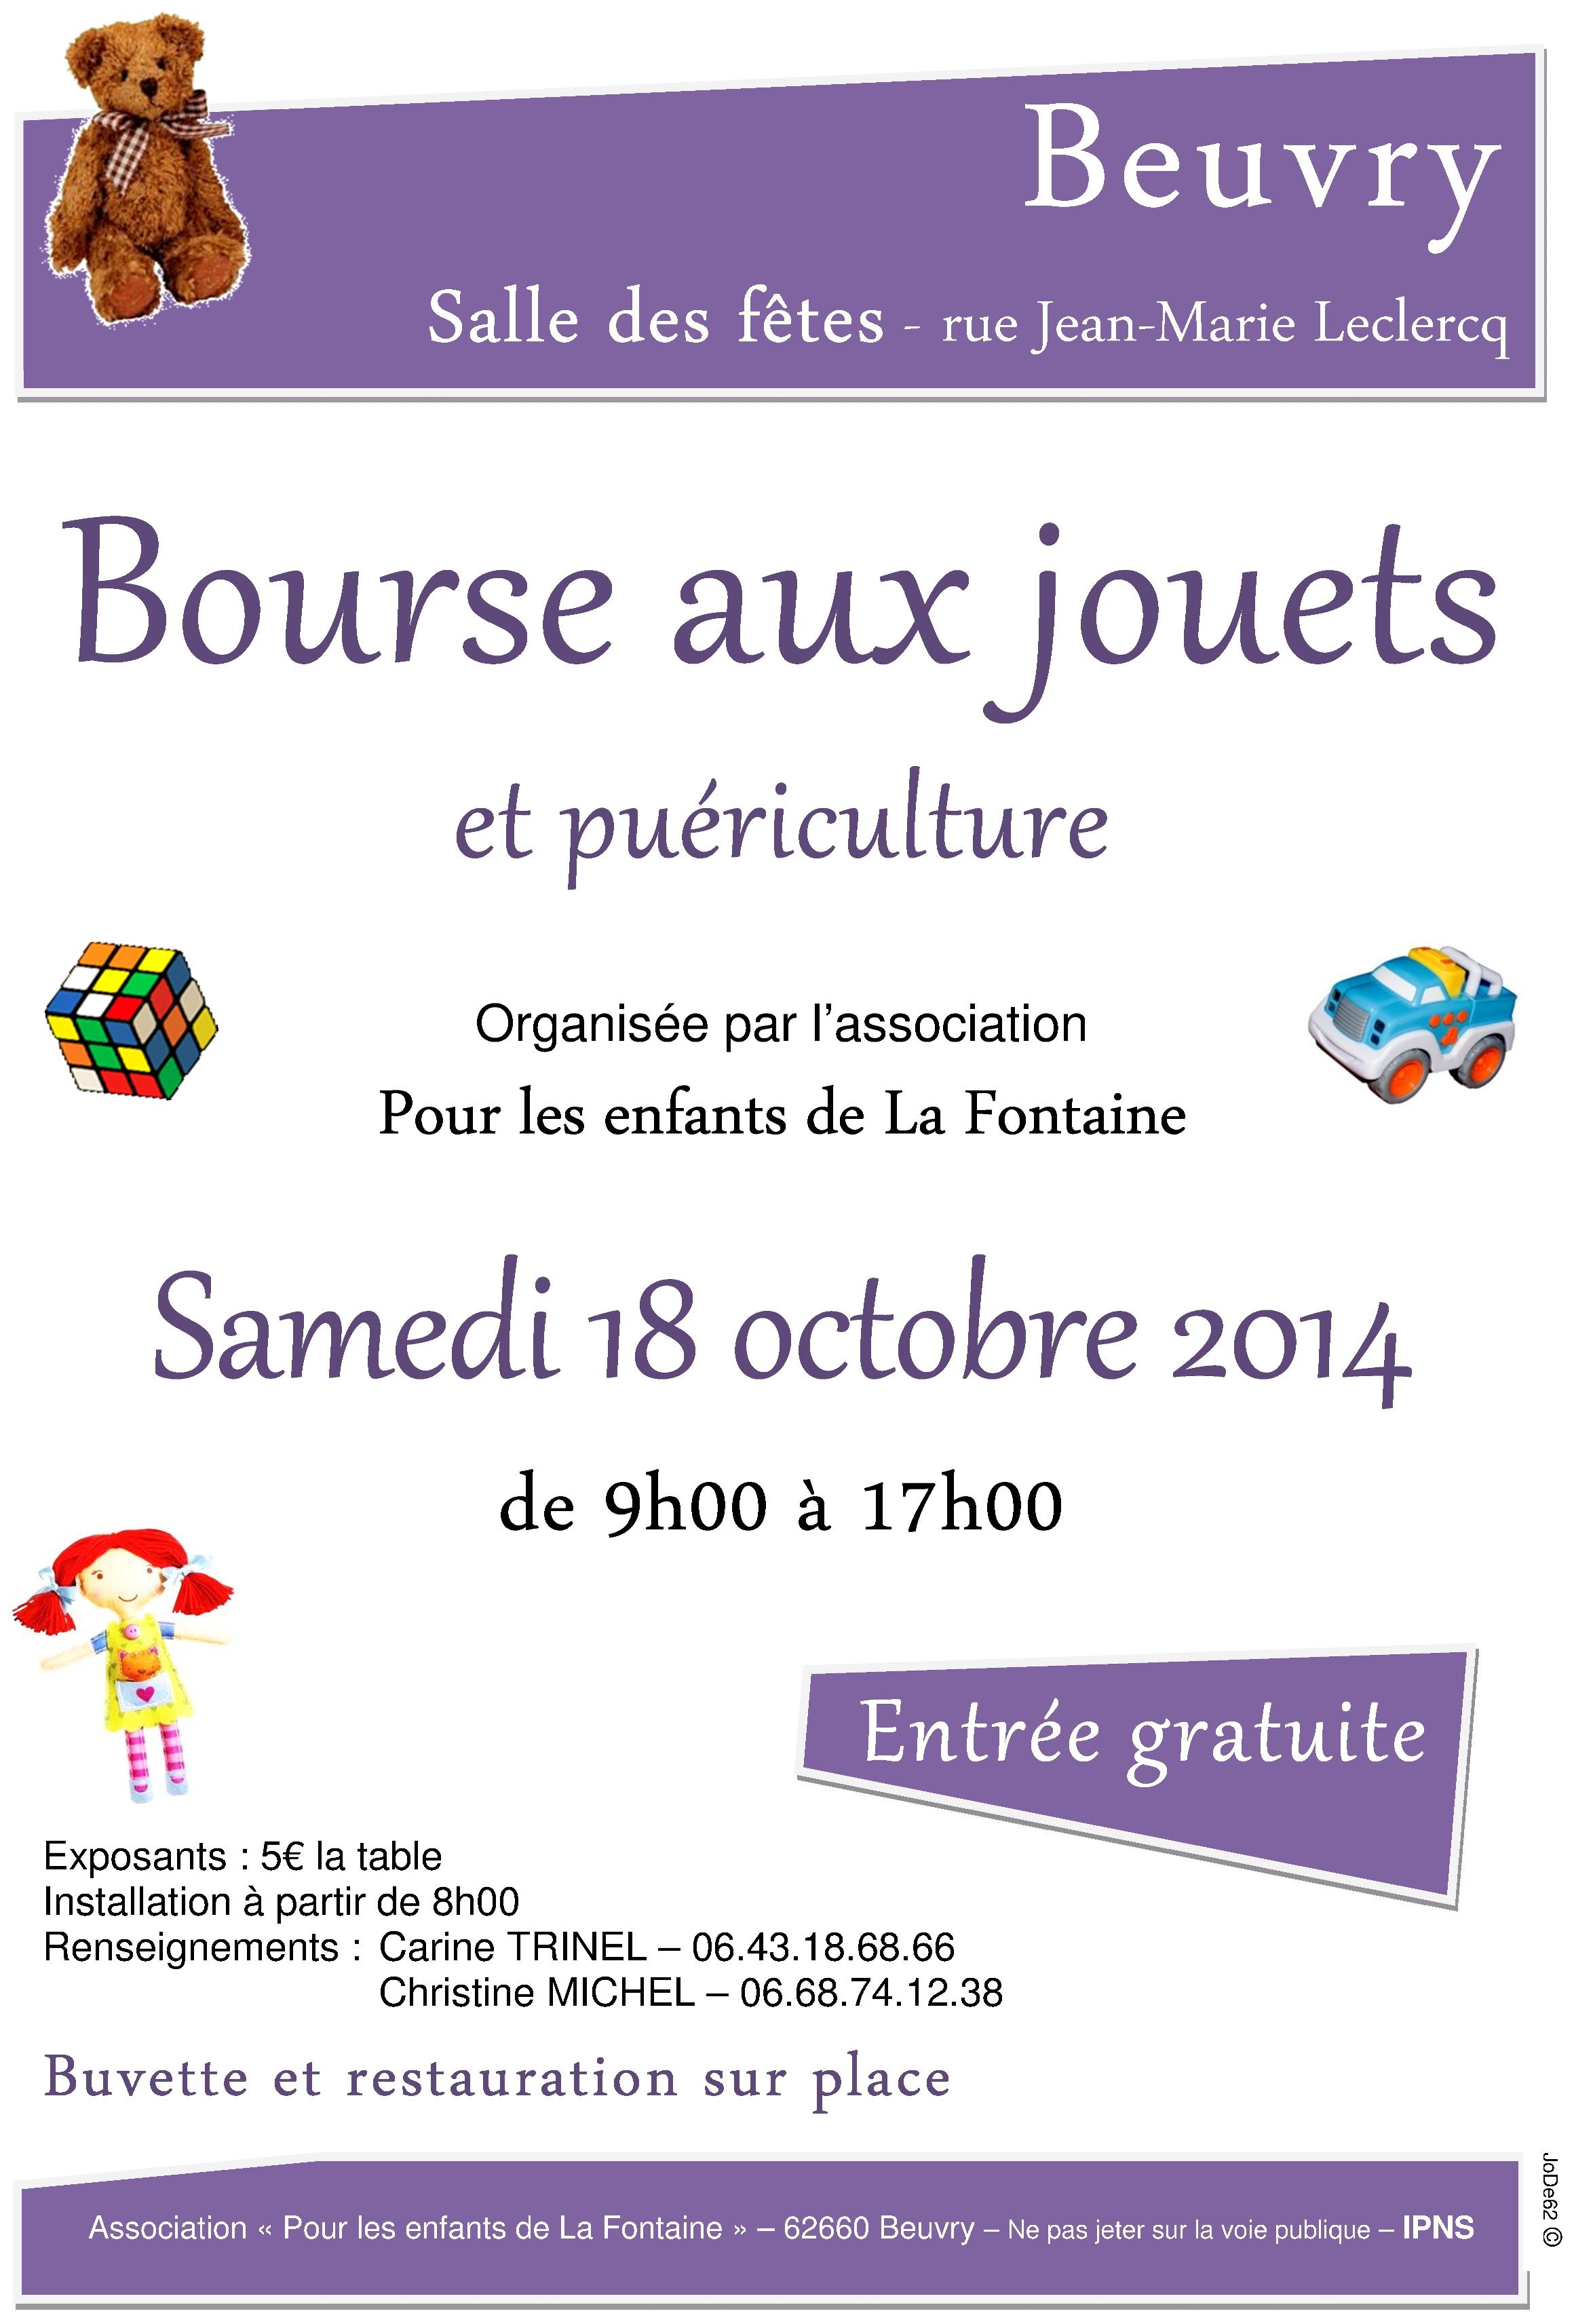 Affiche bourse aux jouets beuvry 2014